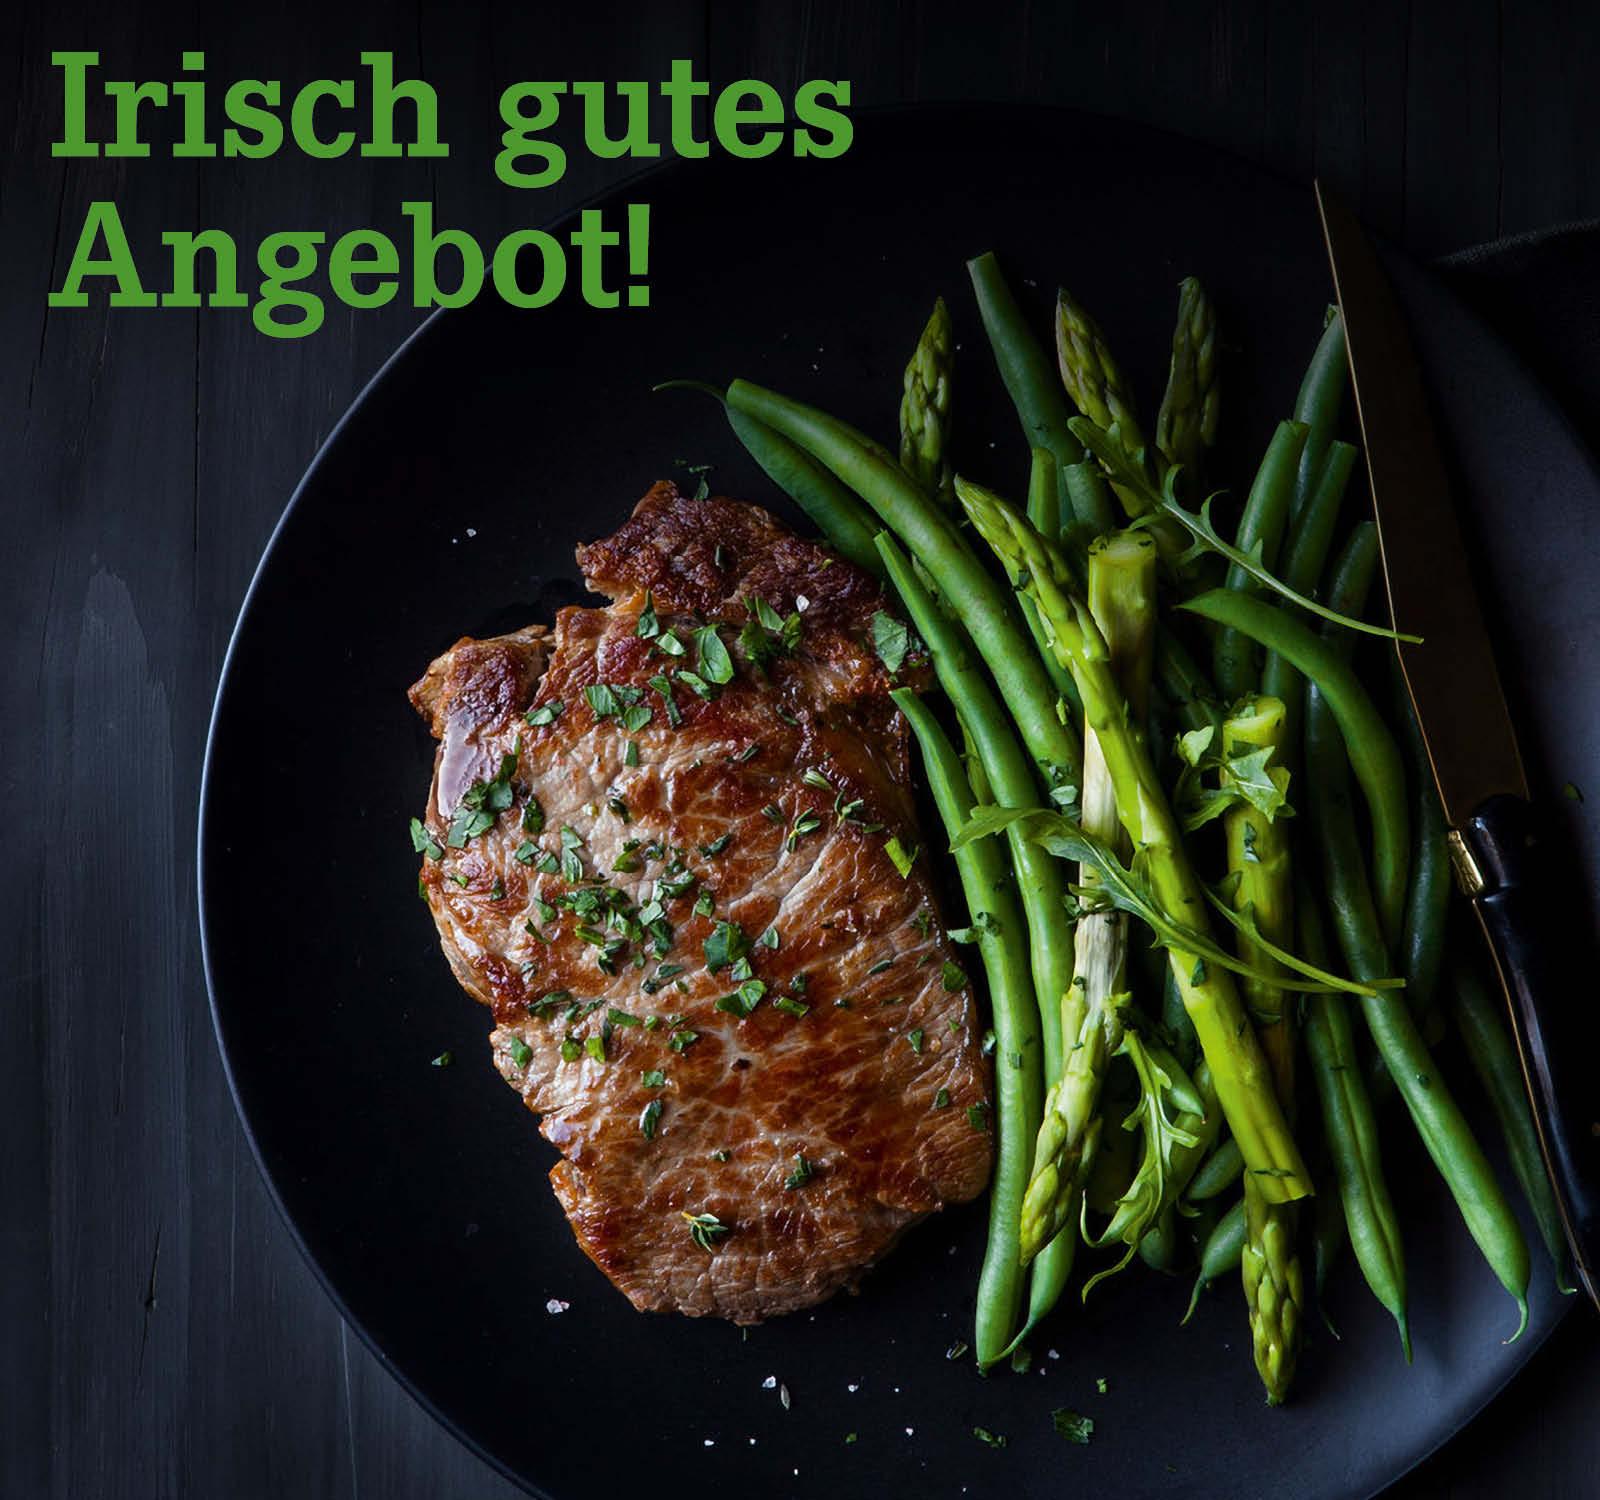 Irisch gutes Angebot!